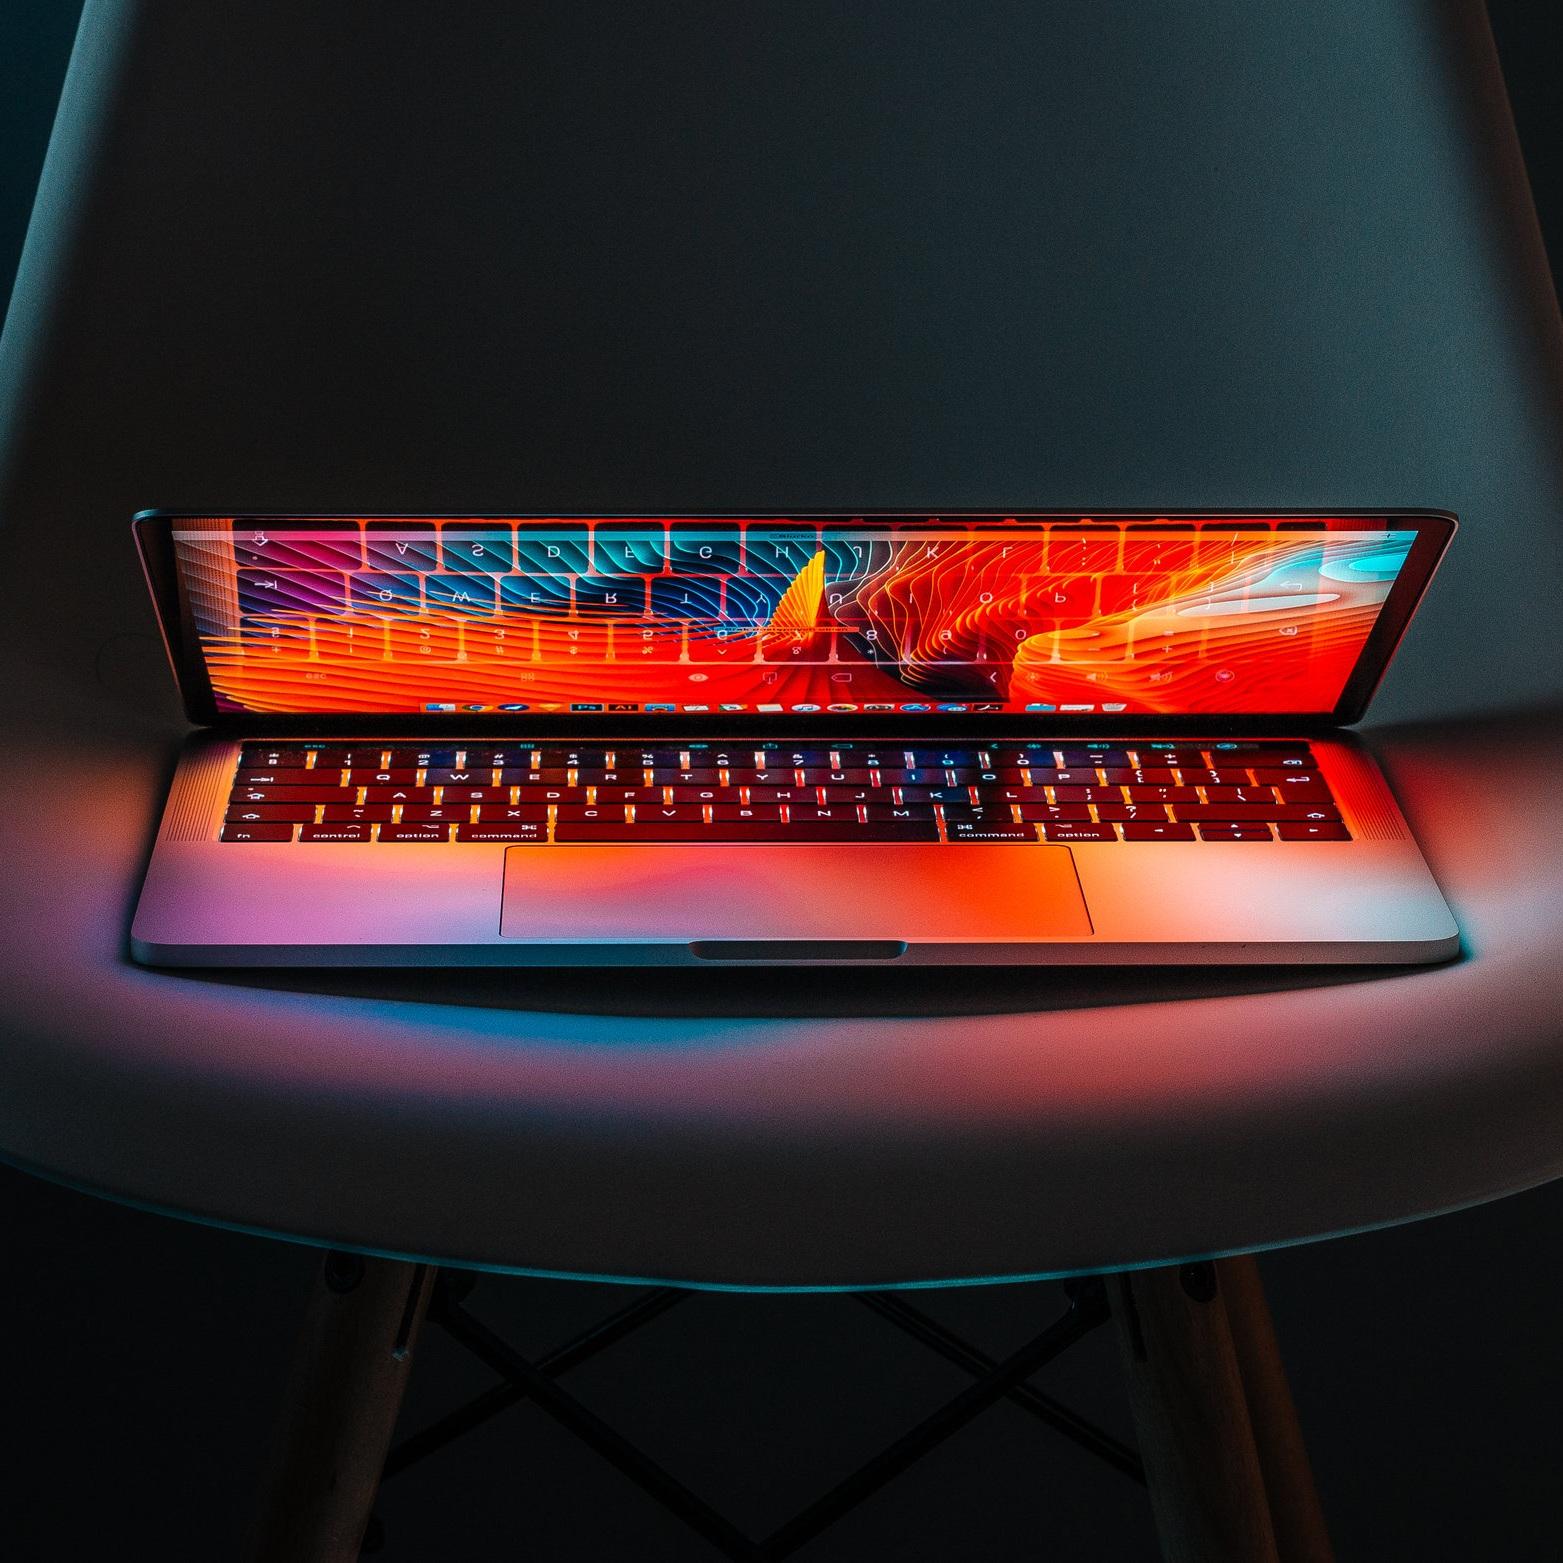 best laptop for edit photos